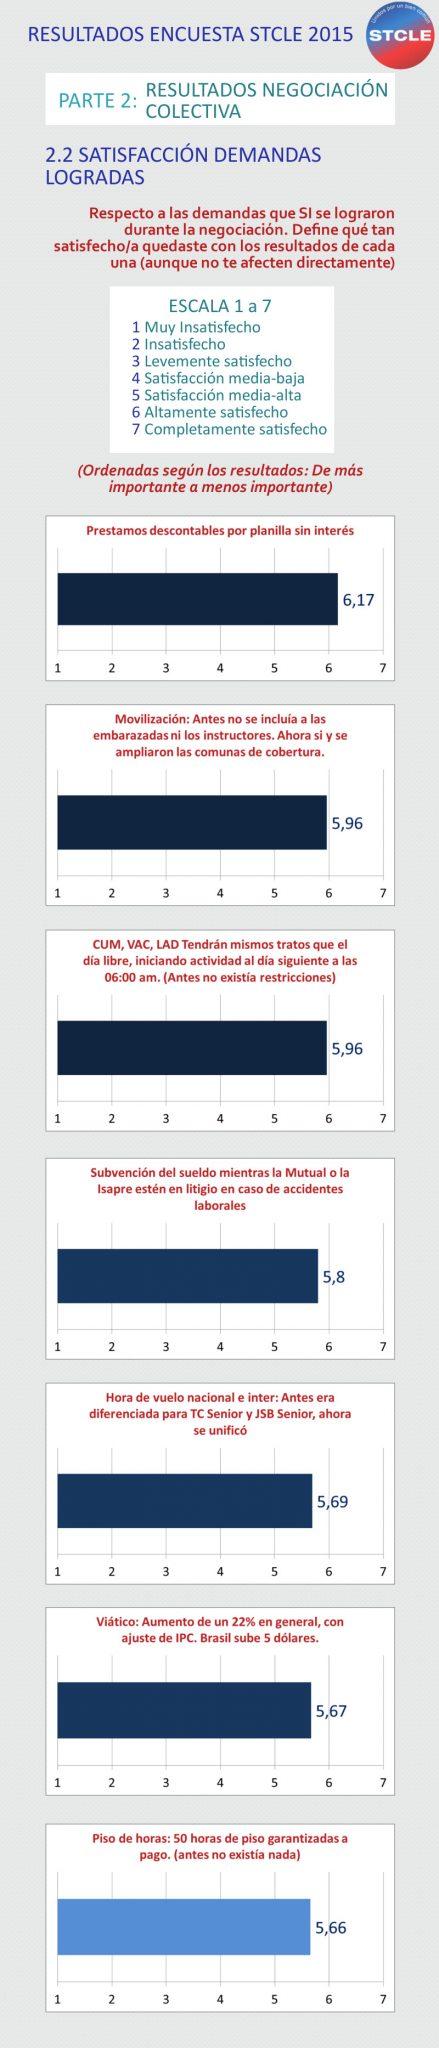 infografia_04a